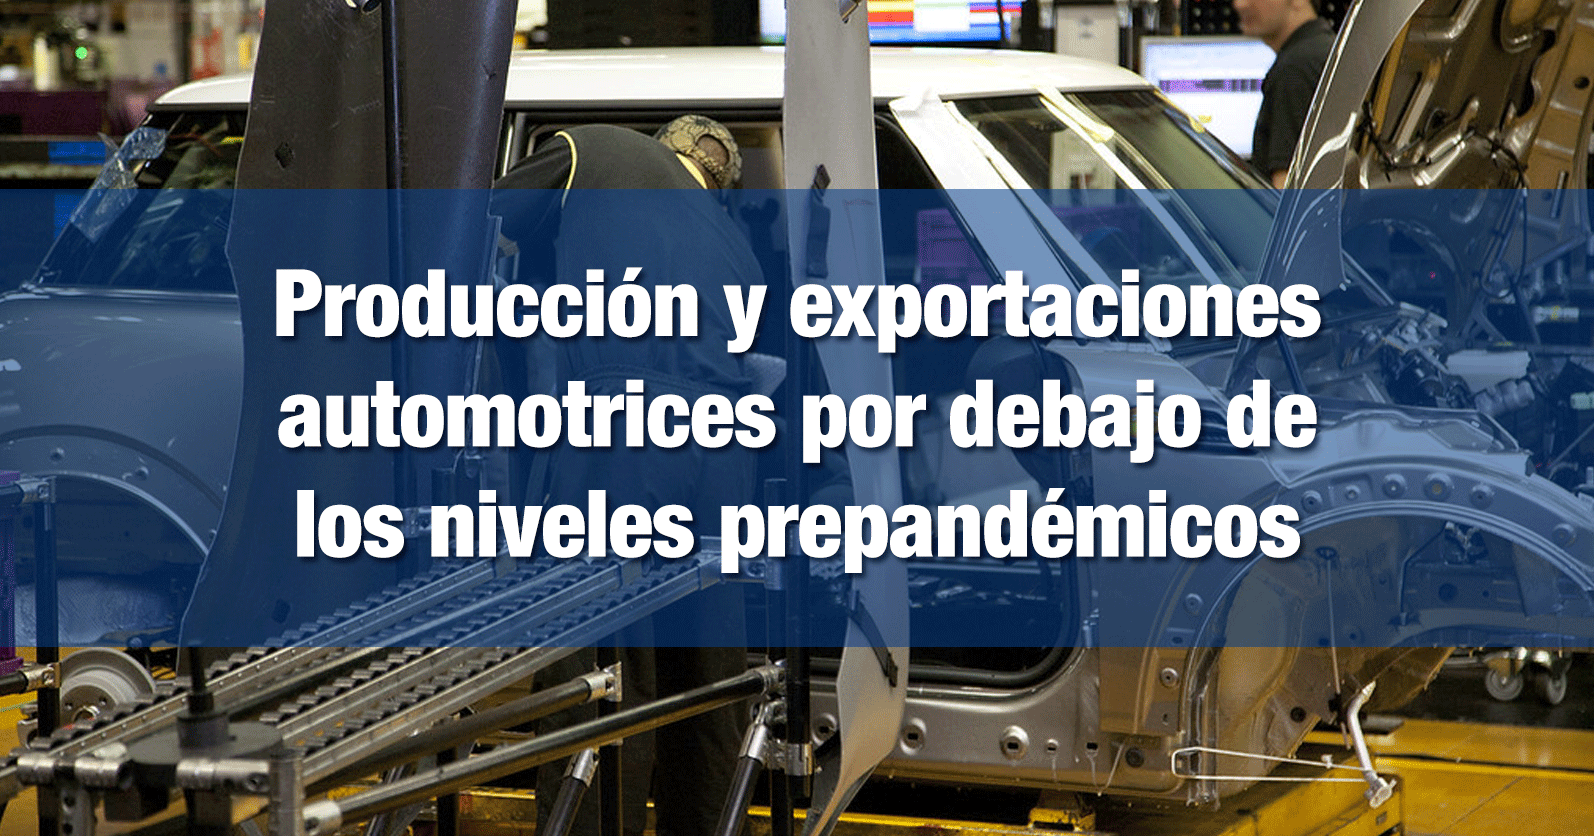 Producción y exportaciones automotrices por debajo de los niveles prepandémicos